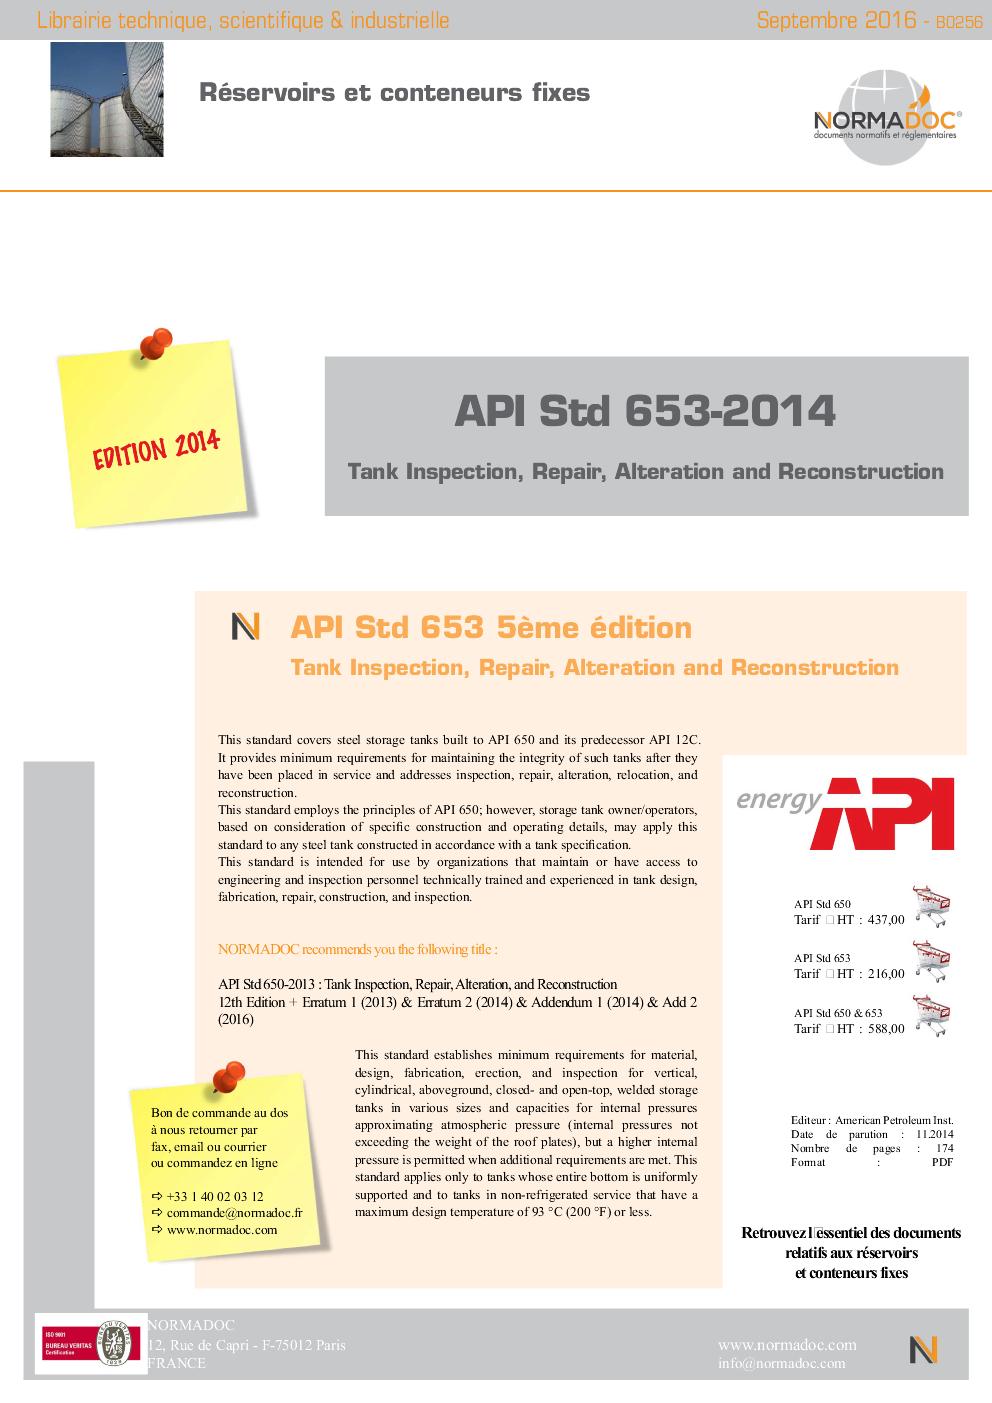 API std 653-2014